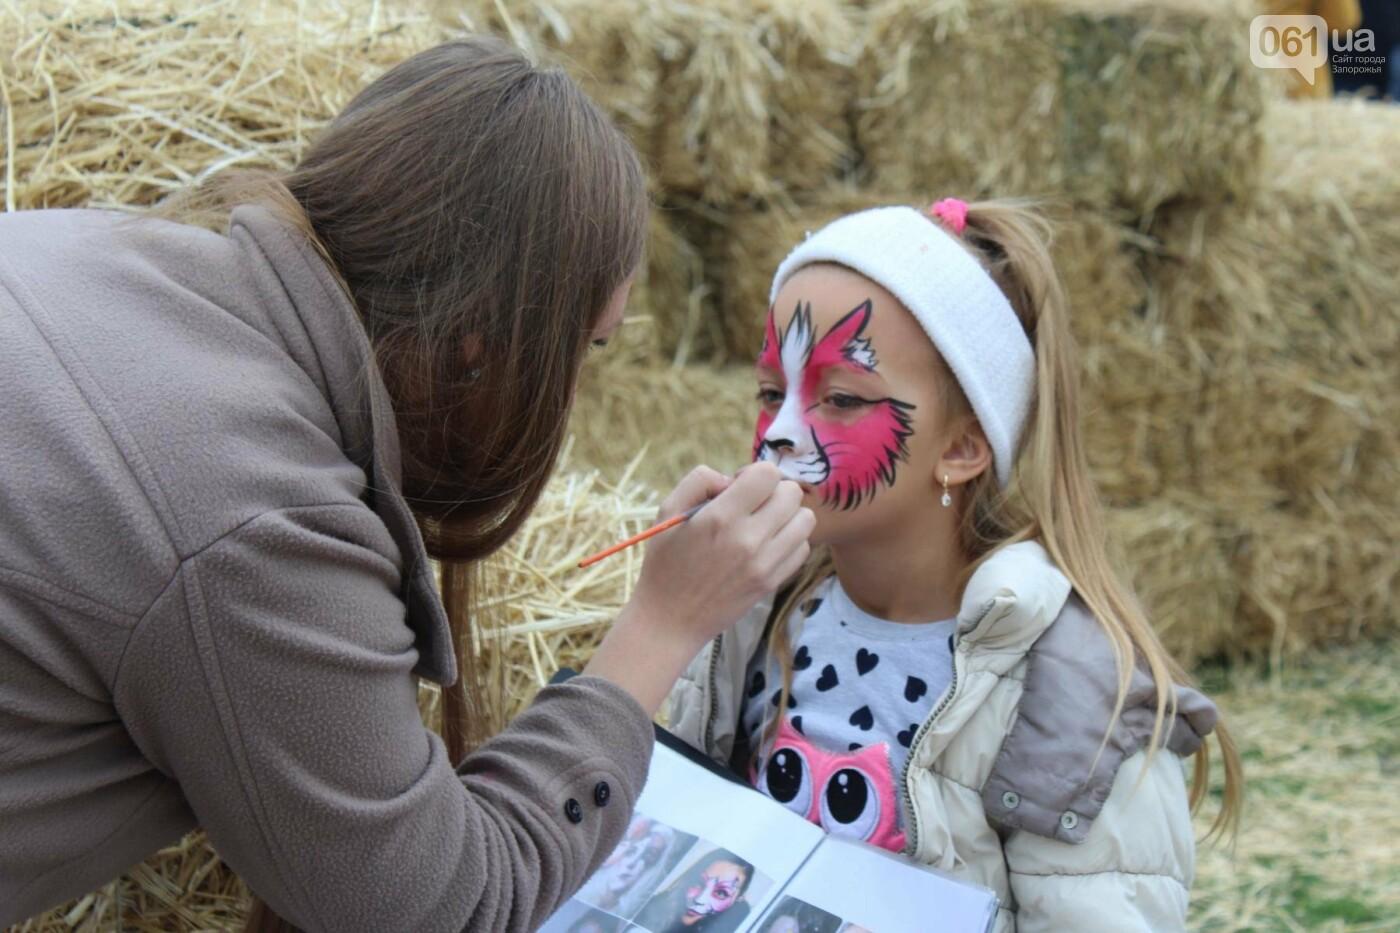 Найди себя: 55 портретов посетителей Покровской ярмарки в Запорожье, - ФОТО , фото-48